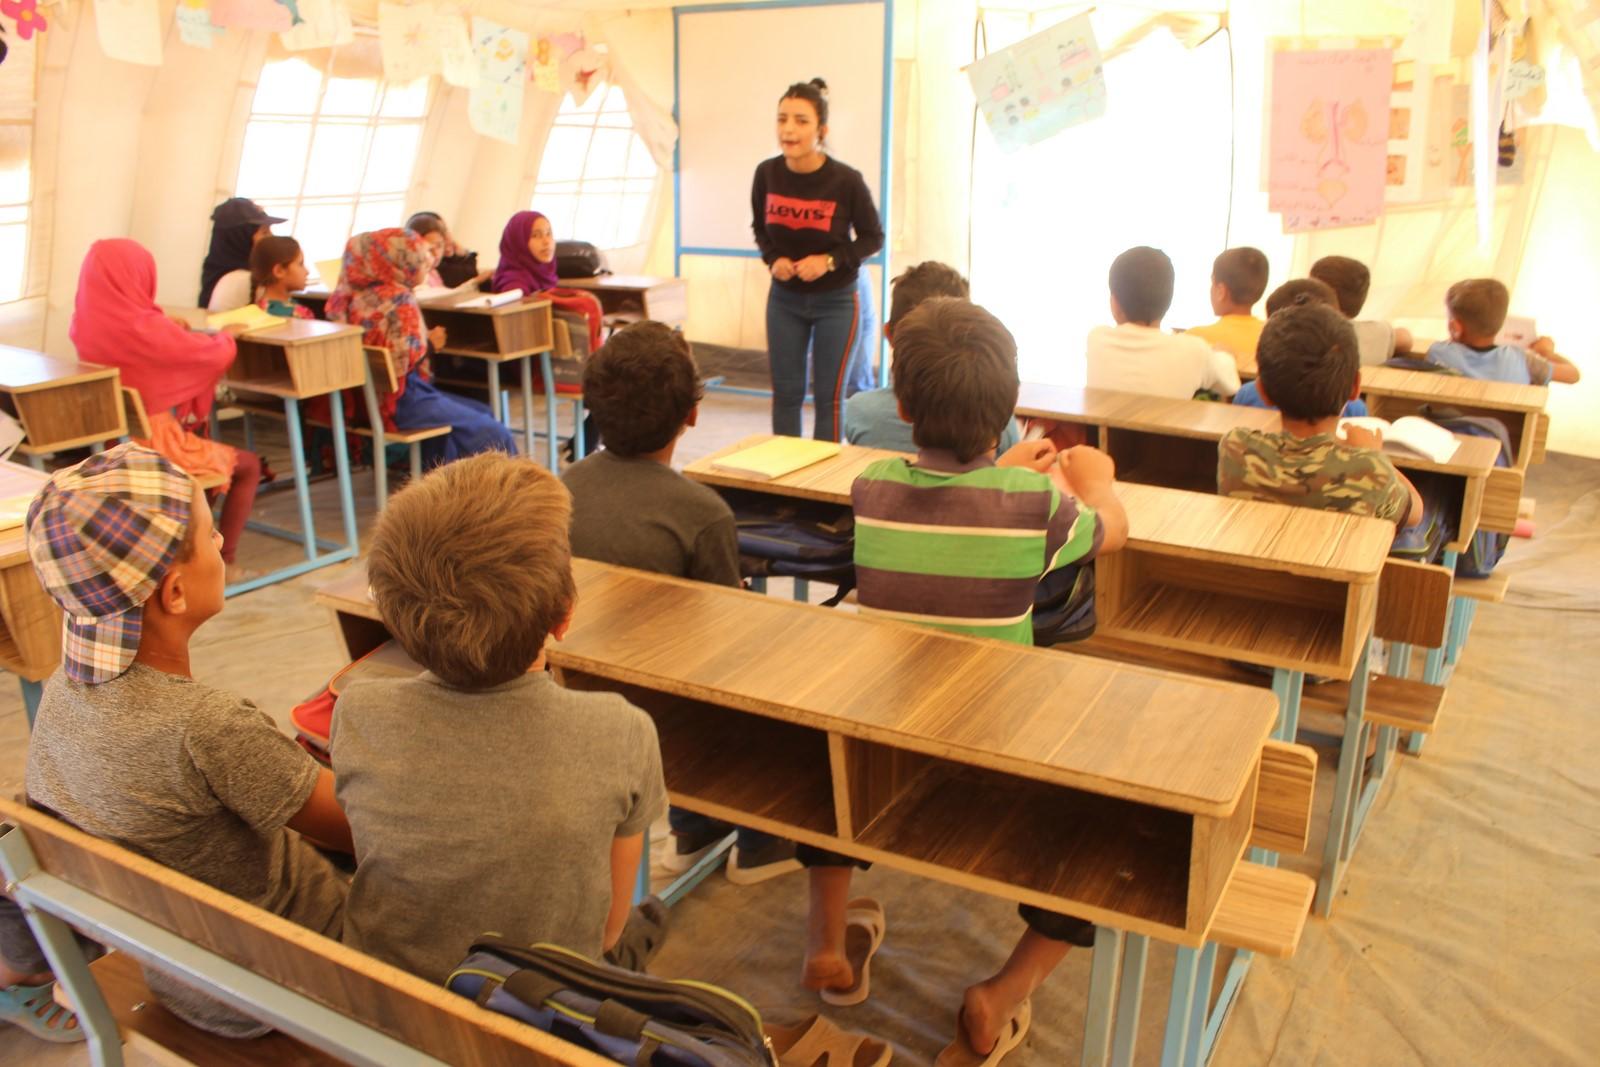 Dêrazorlu çocuklar 7 yıl sonra ders başı yaptı